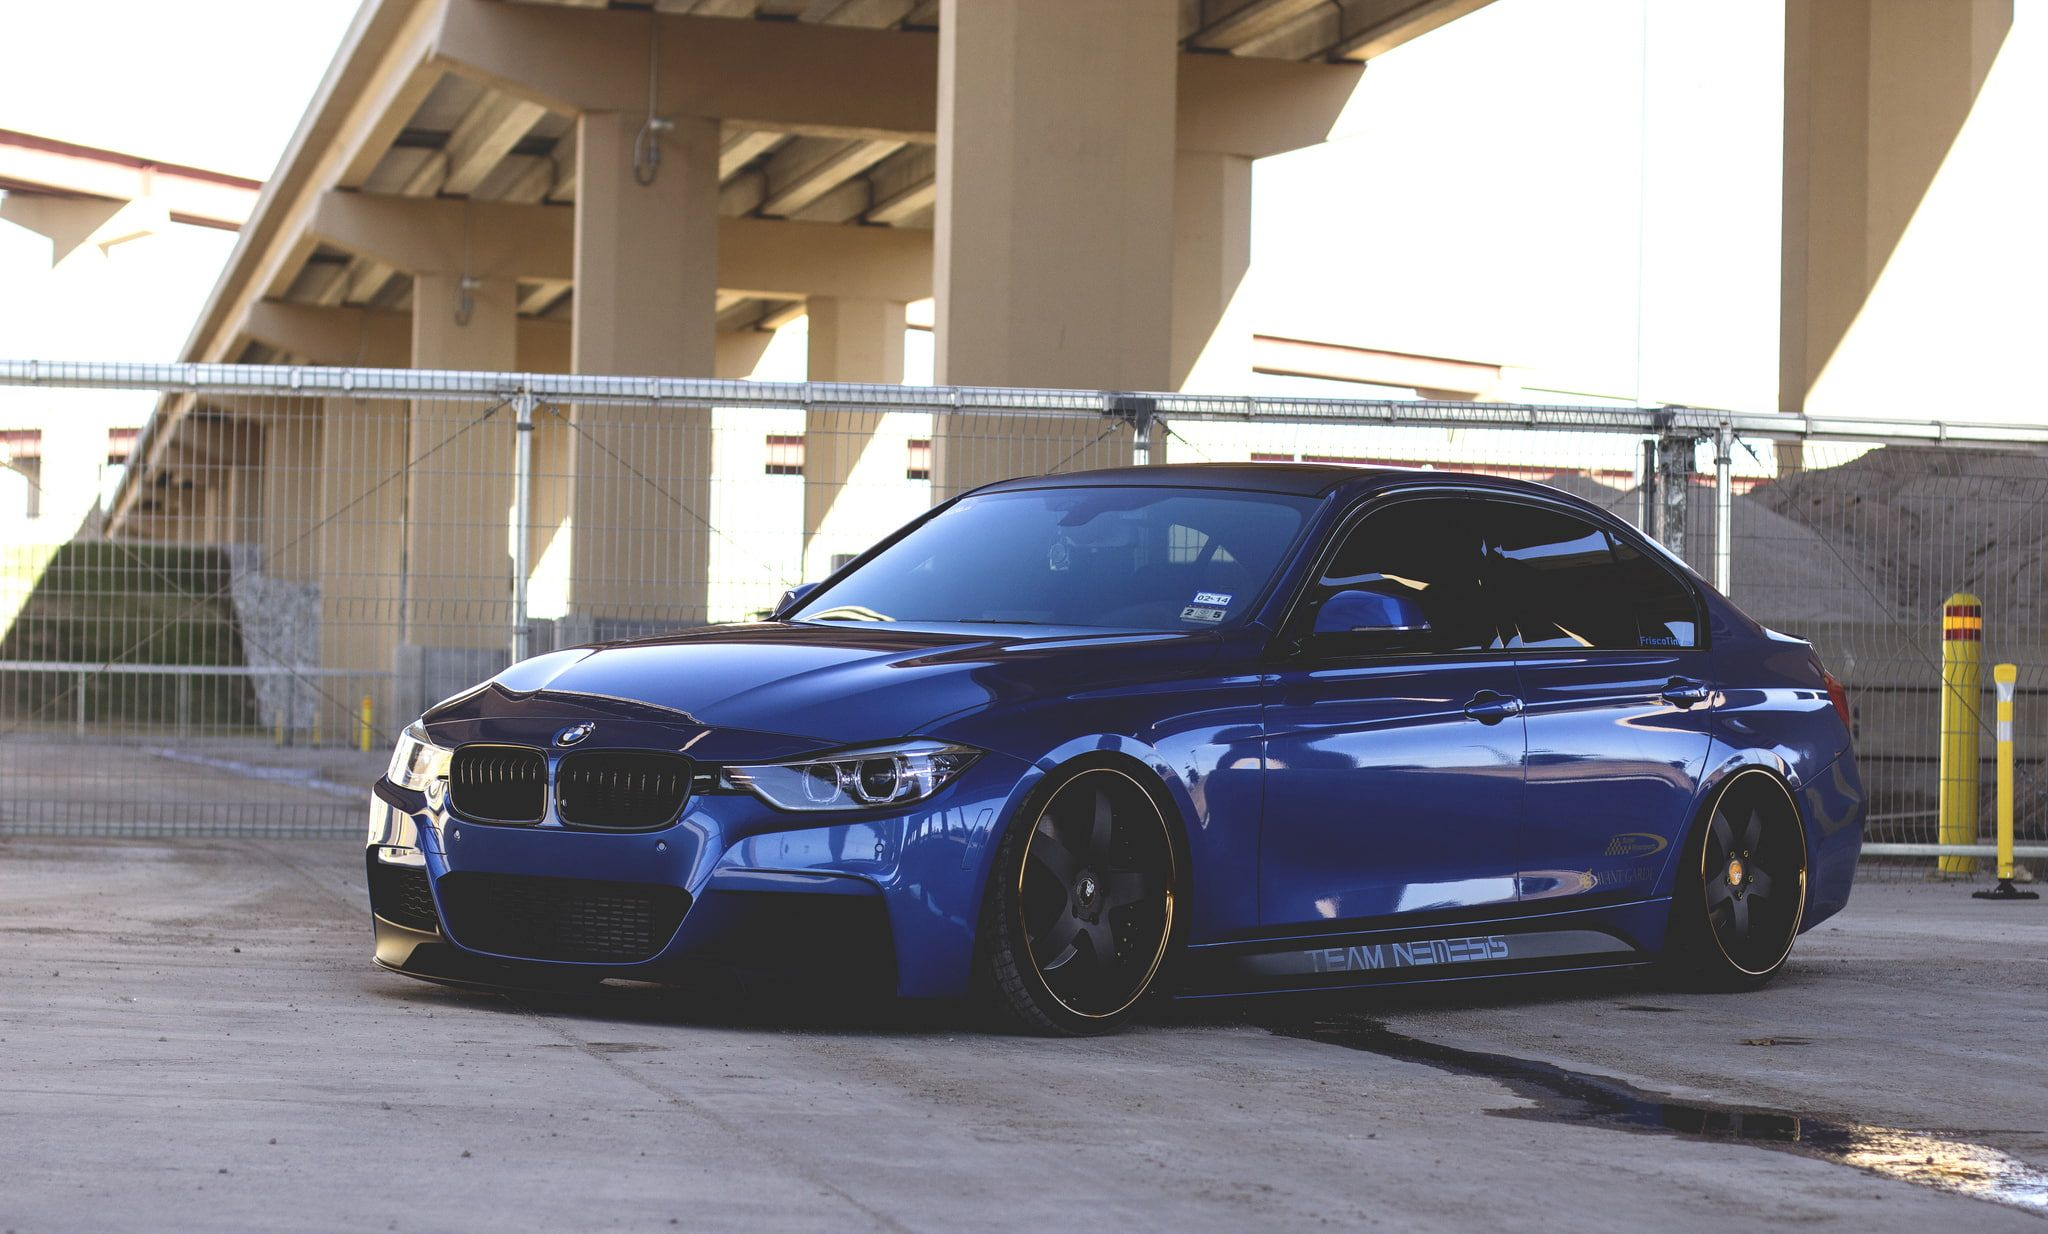 Blue Bmw Sedan Bmw Tuning 335i F30 Stance 1080p Wallpaper Hdwallpaper Desktop In 2021 Bmw Bmw M4 Blue Bmw Wallpapers Bmw 335i e92 blue car hd wallpaper